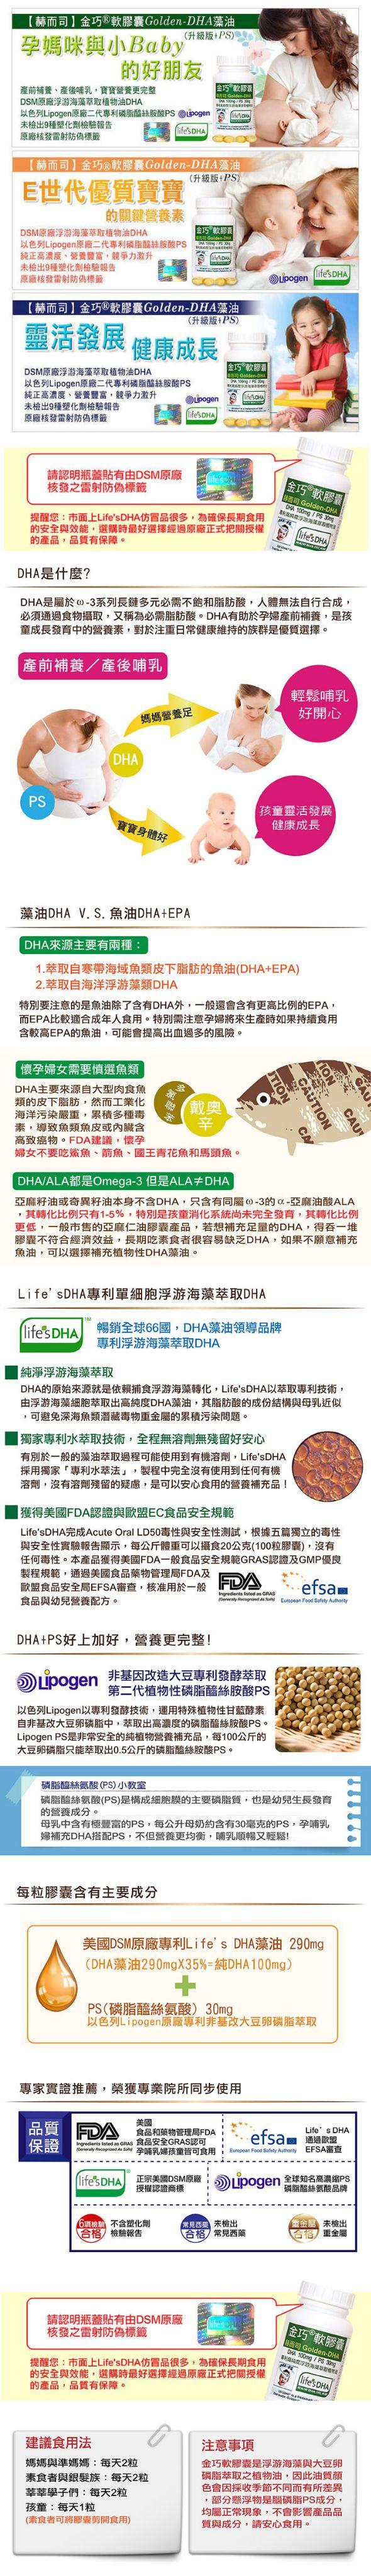 【孕養幫手DHA藻油特賣組】赫而司金巧軟膠囊DHA藻油60顆*1罐+愛克明紅藻鈣D3_60顆*1罐